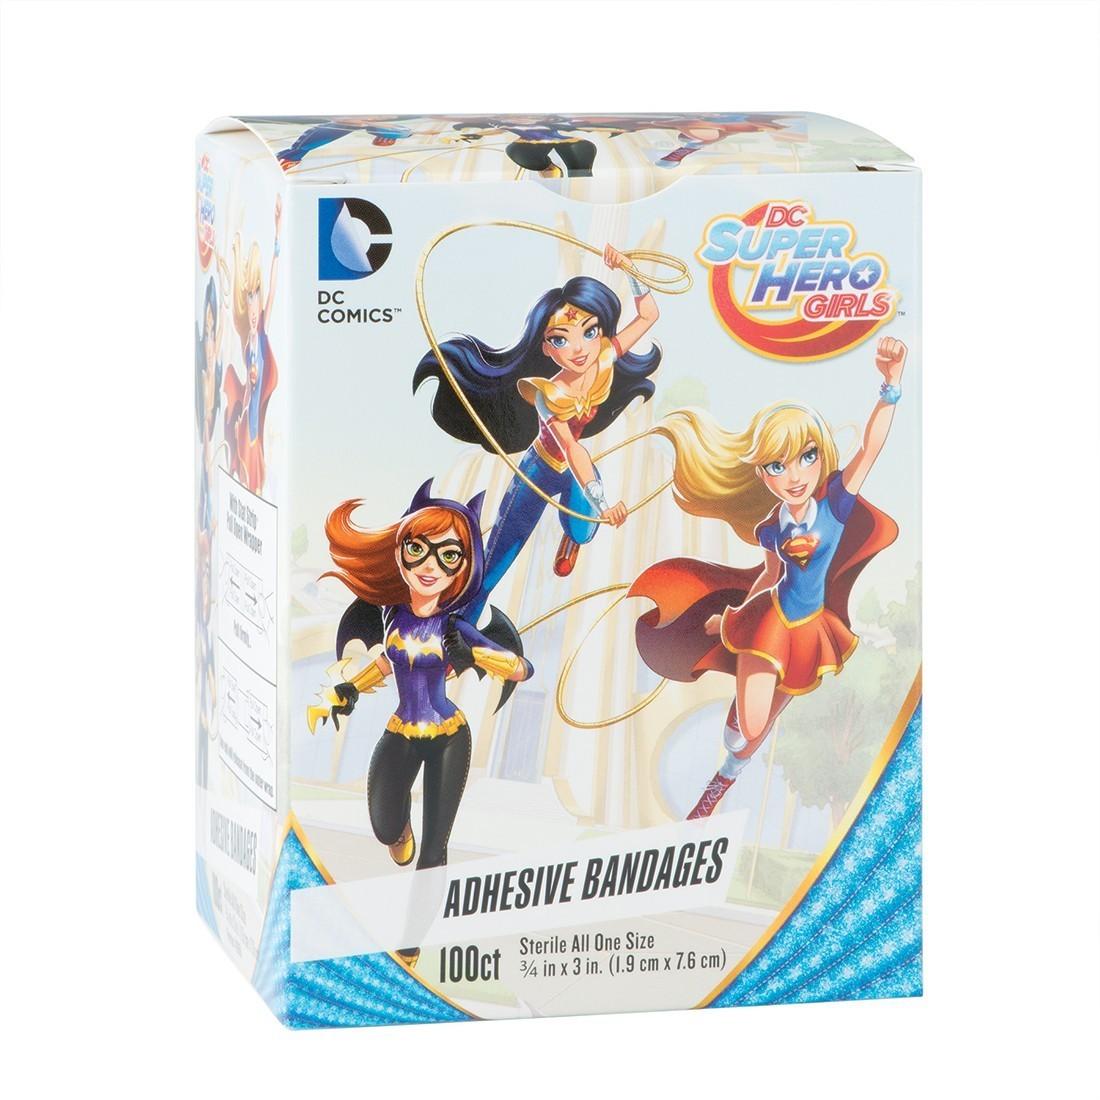 DC Super Hero Girls Bandages  [image]